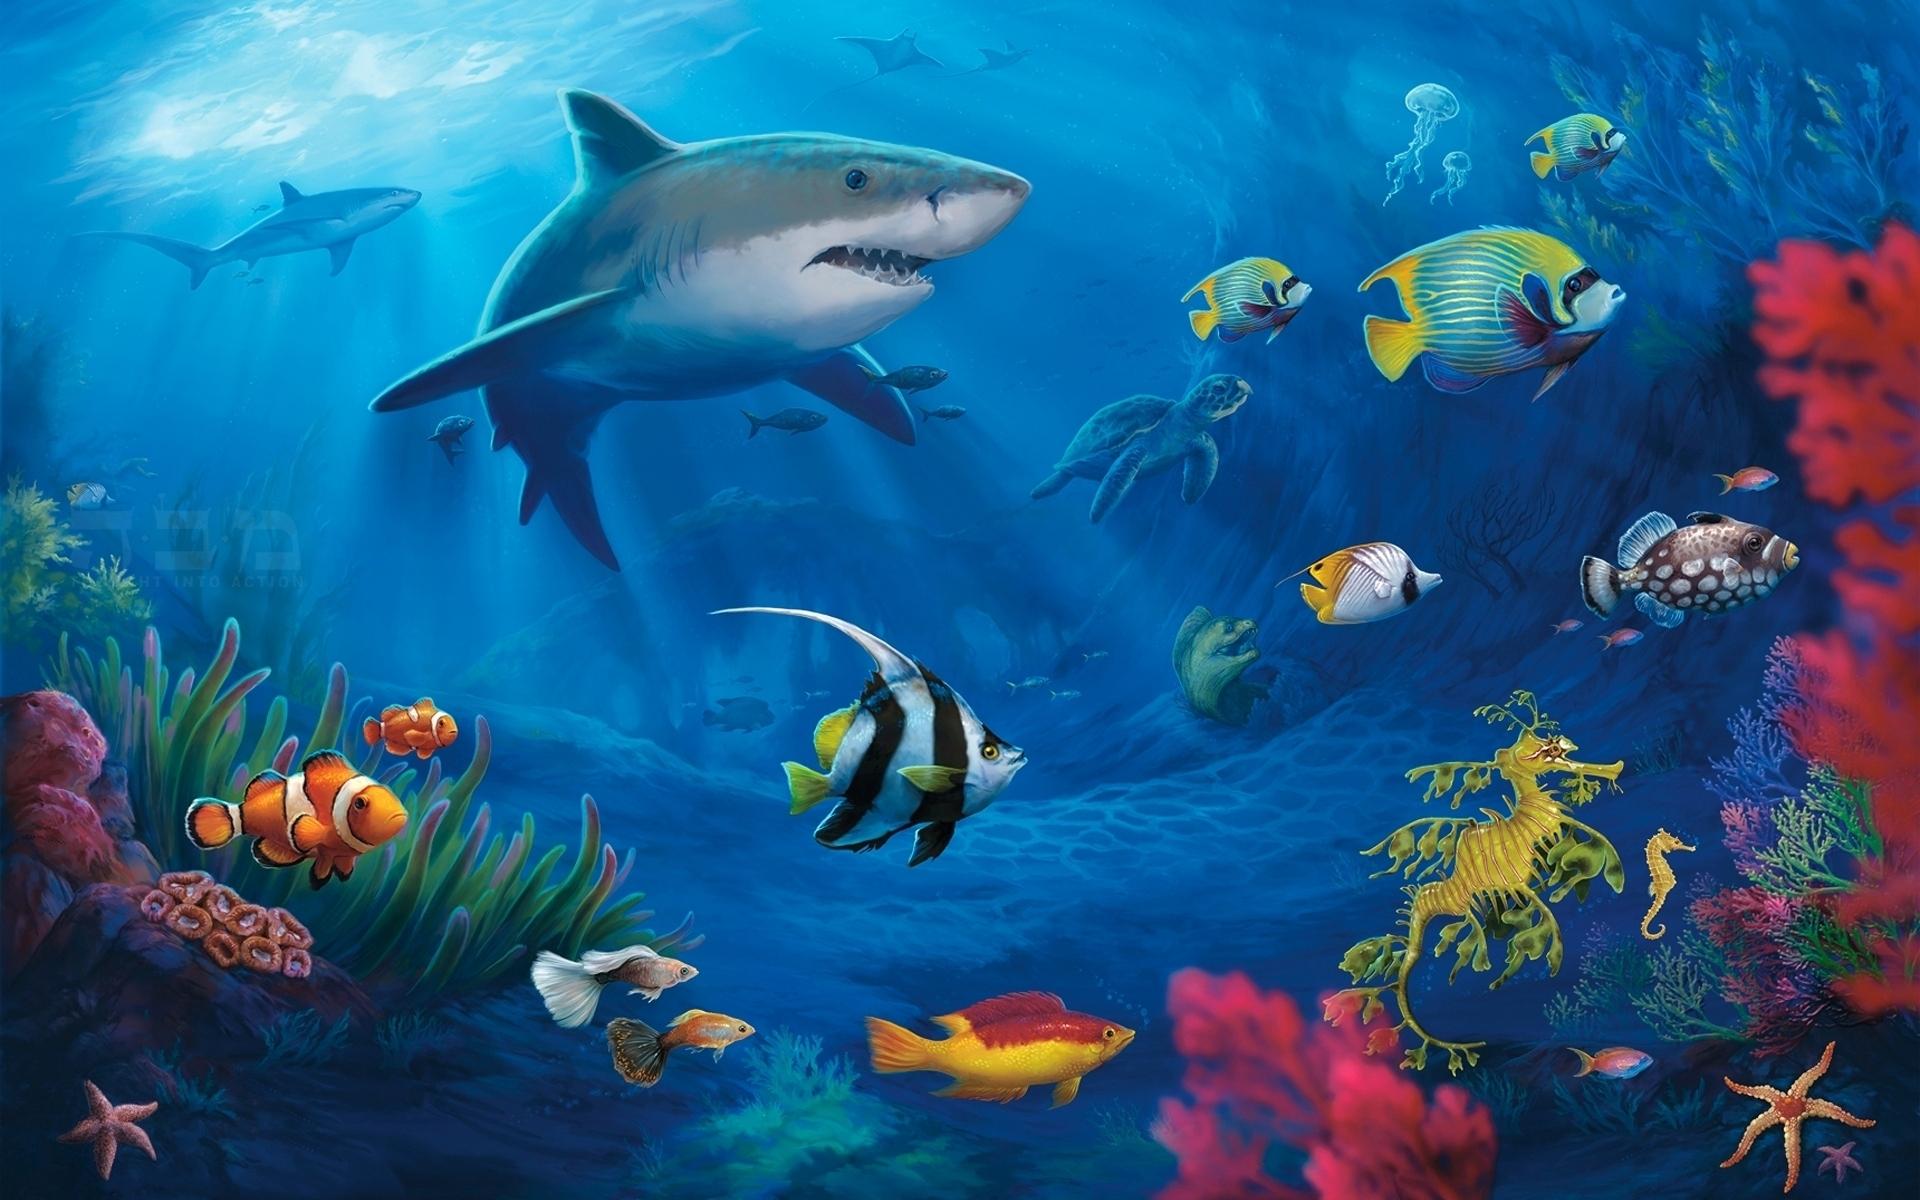 underwater world hd image